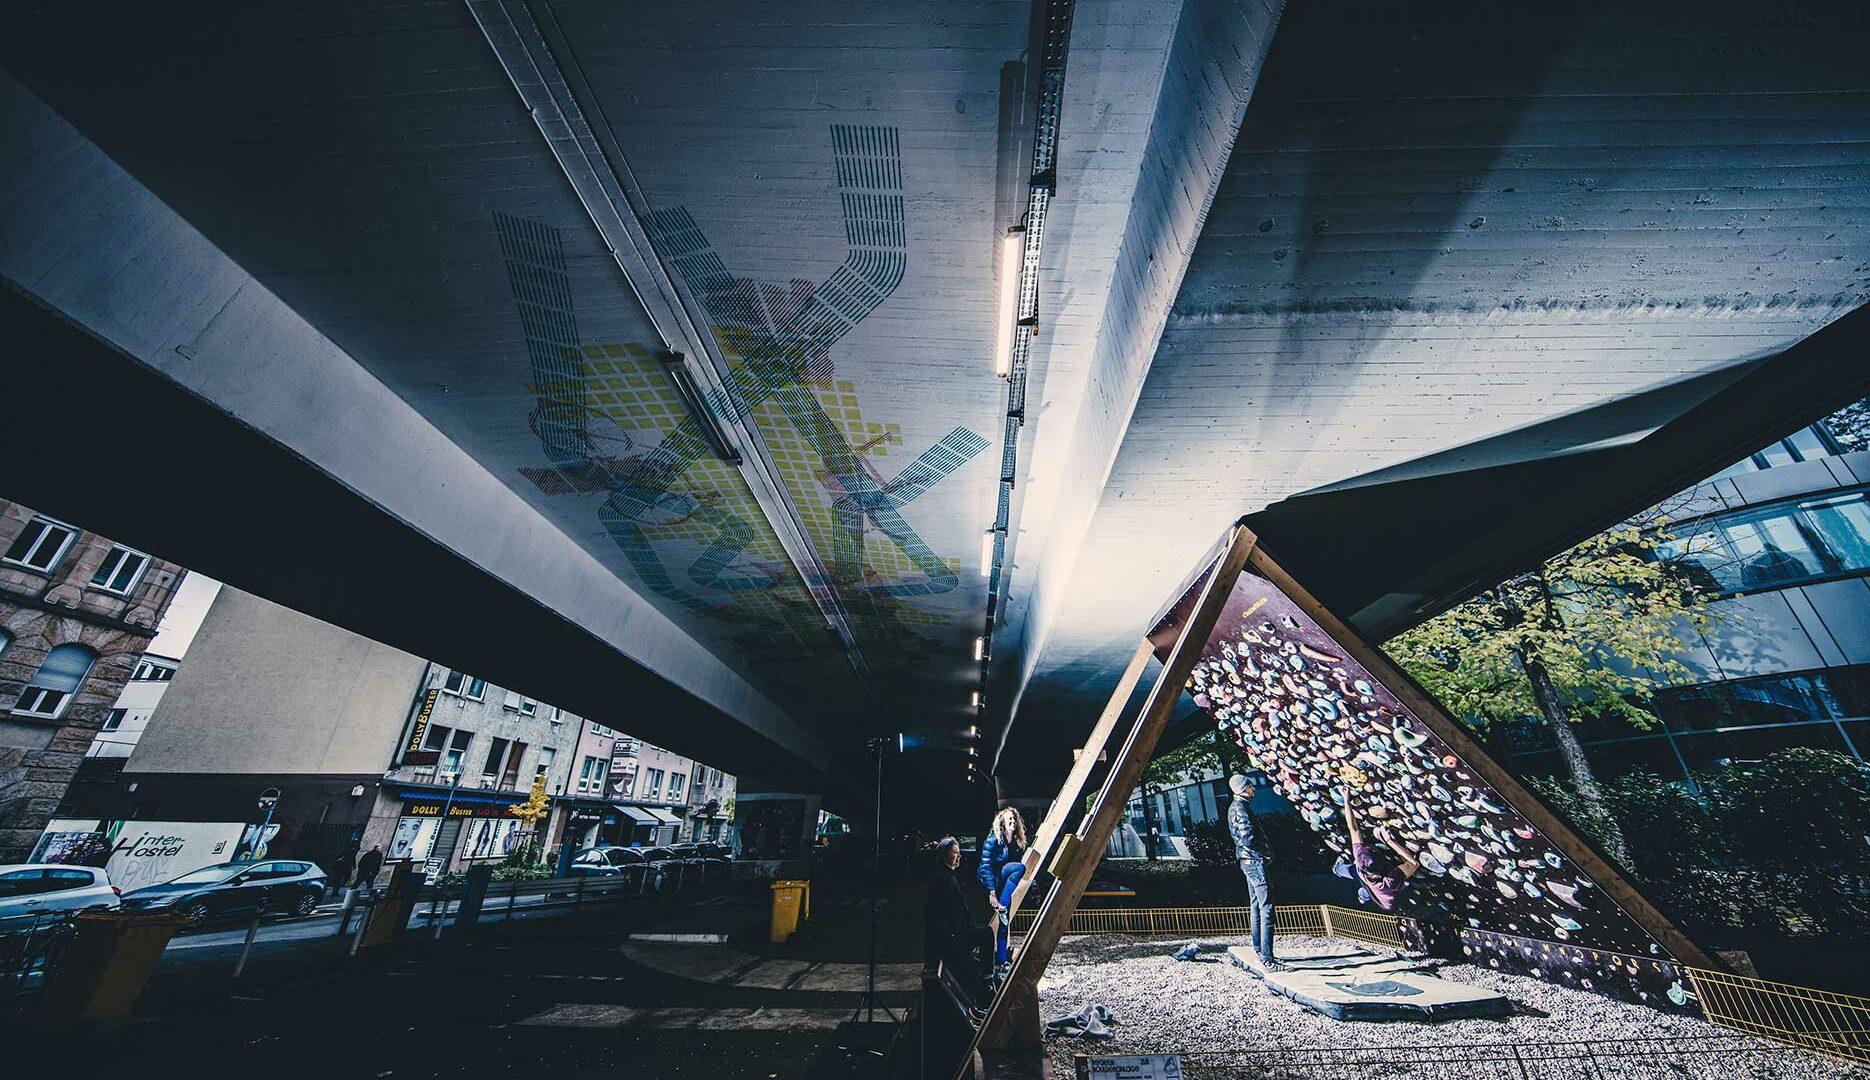 Das boulderblöckle belebt urbanen Raum – für alle, immer, kostenlos / Foto: Simon Hofmann